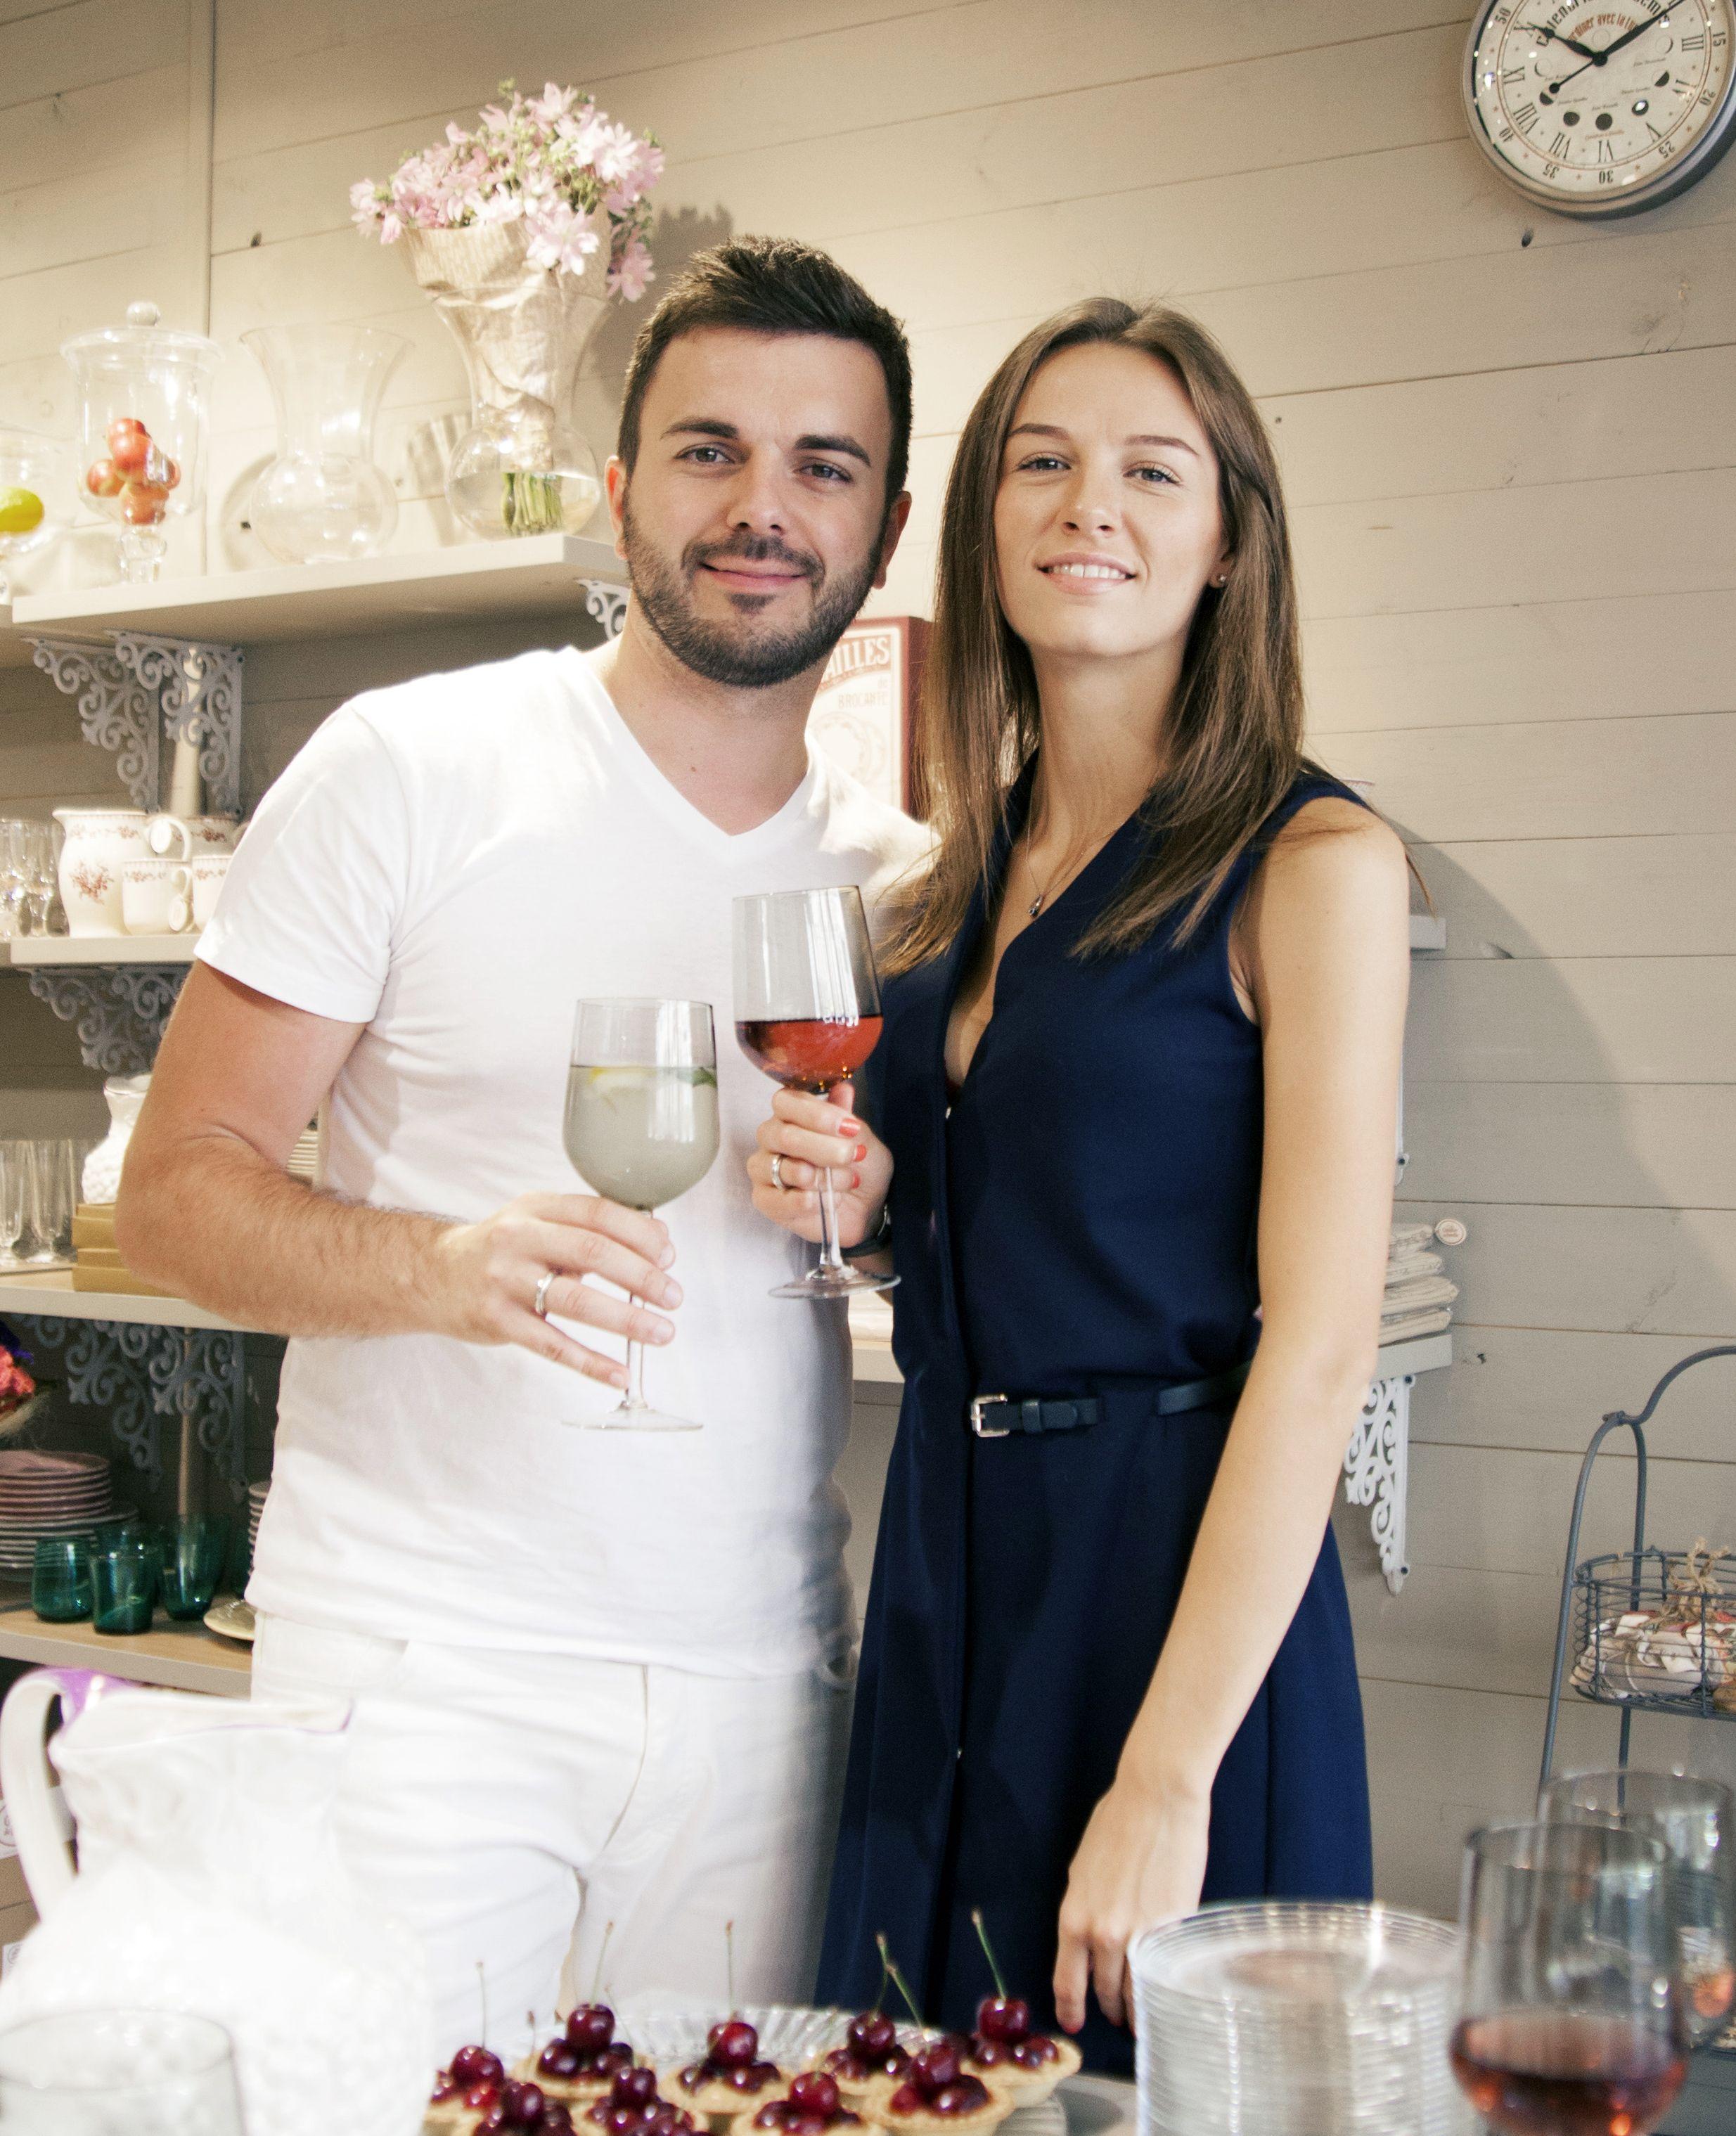 Григорий Решетник, Санта Димопулос и Лилия Ребрик украсили свой дом удивительными вещами из магазина Family Decor